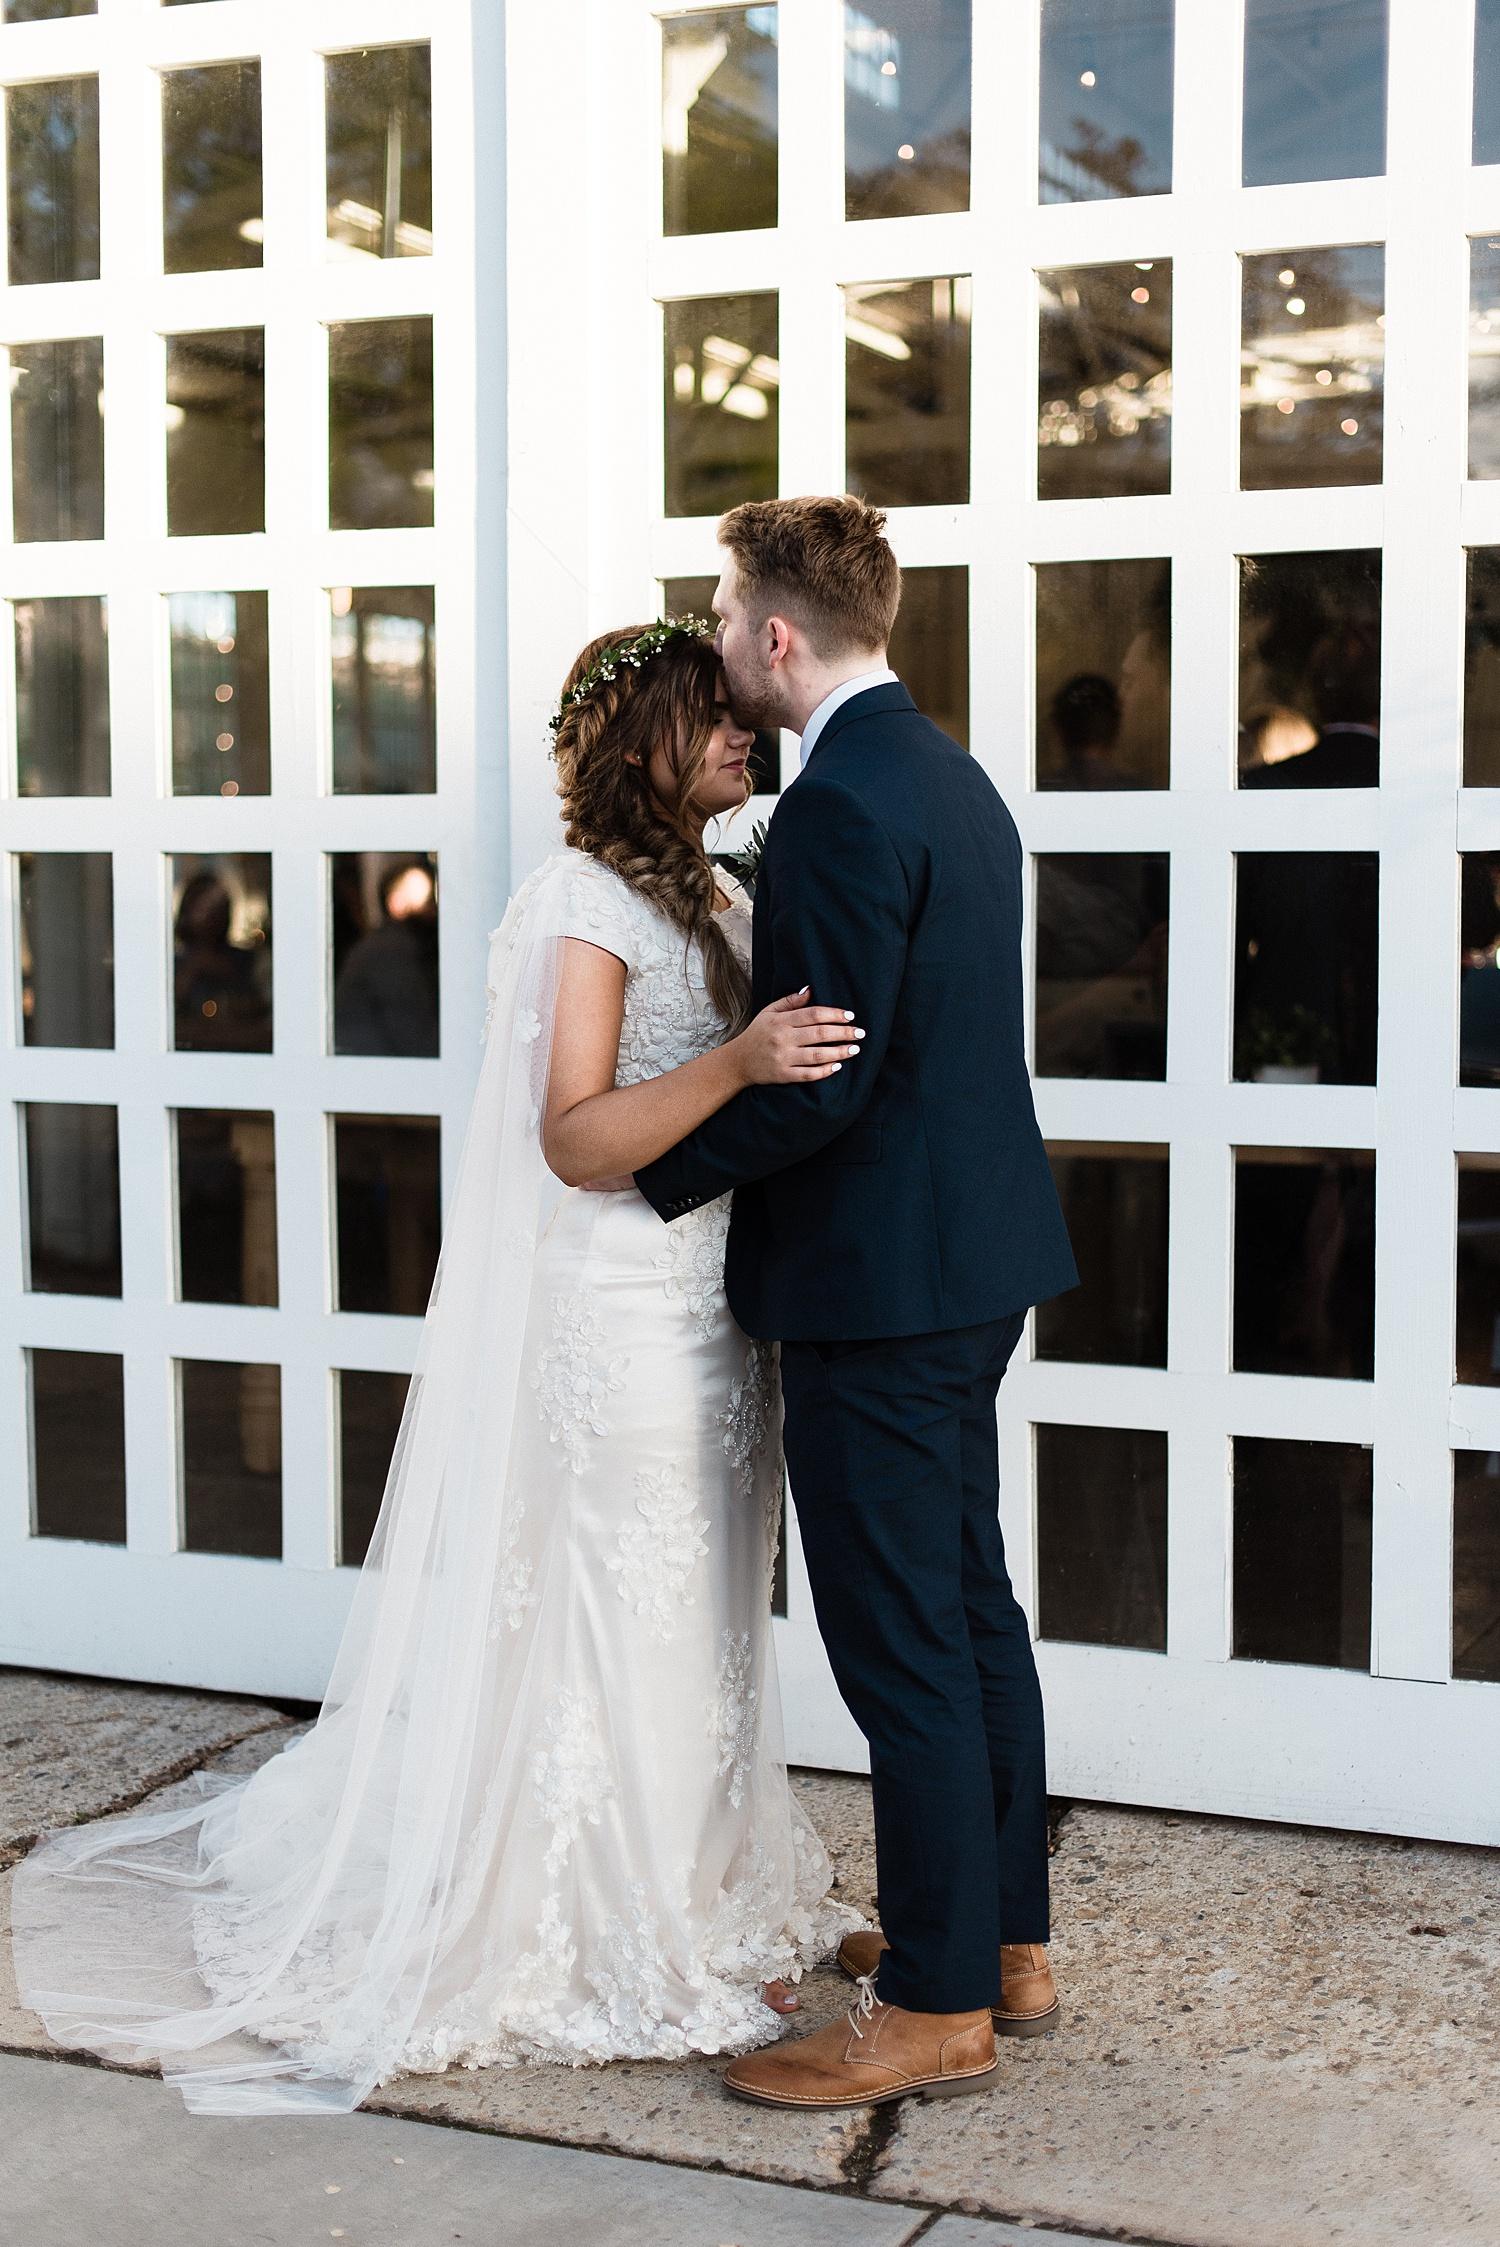 Zandra Barriga Photo - Dallas and Megan Wedding_0081.jpg